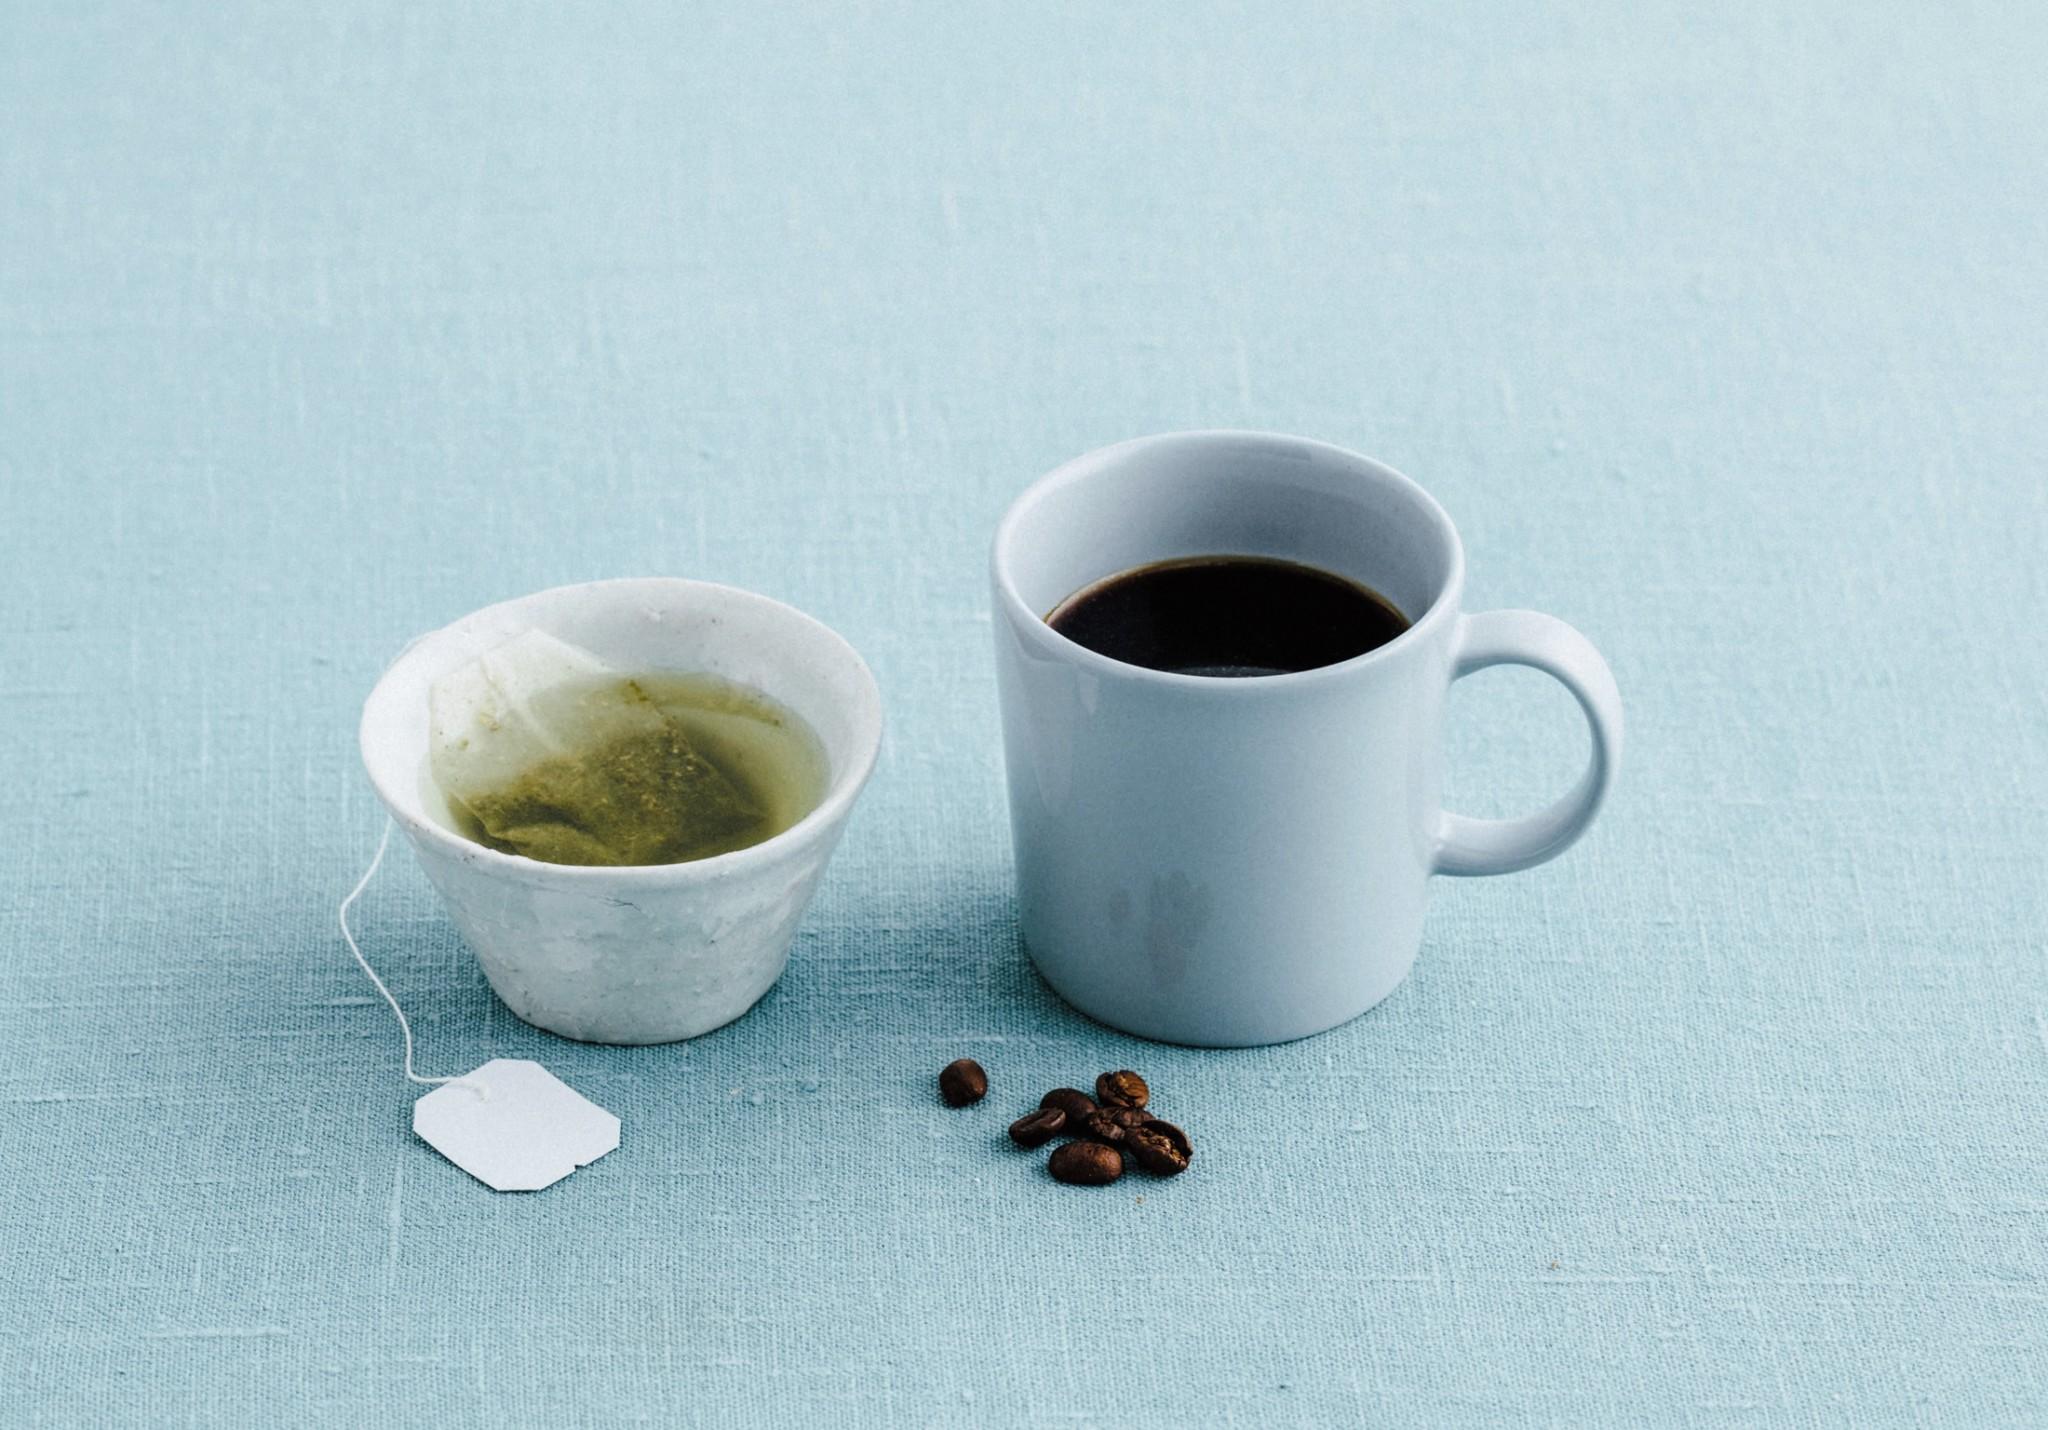 25kg減に成功! 「コーヒー×緑茶」がダイエットに抜群って本当?